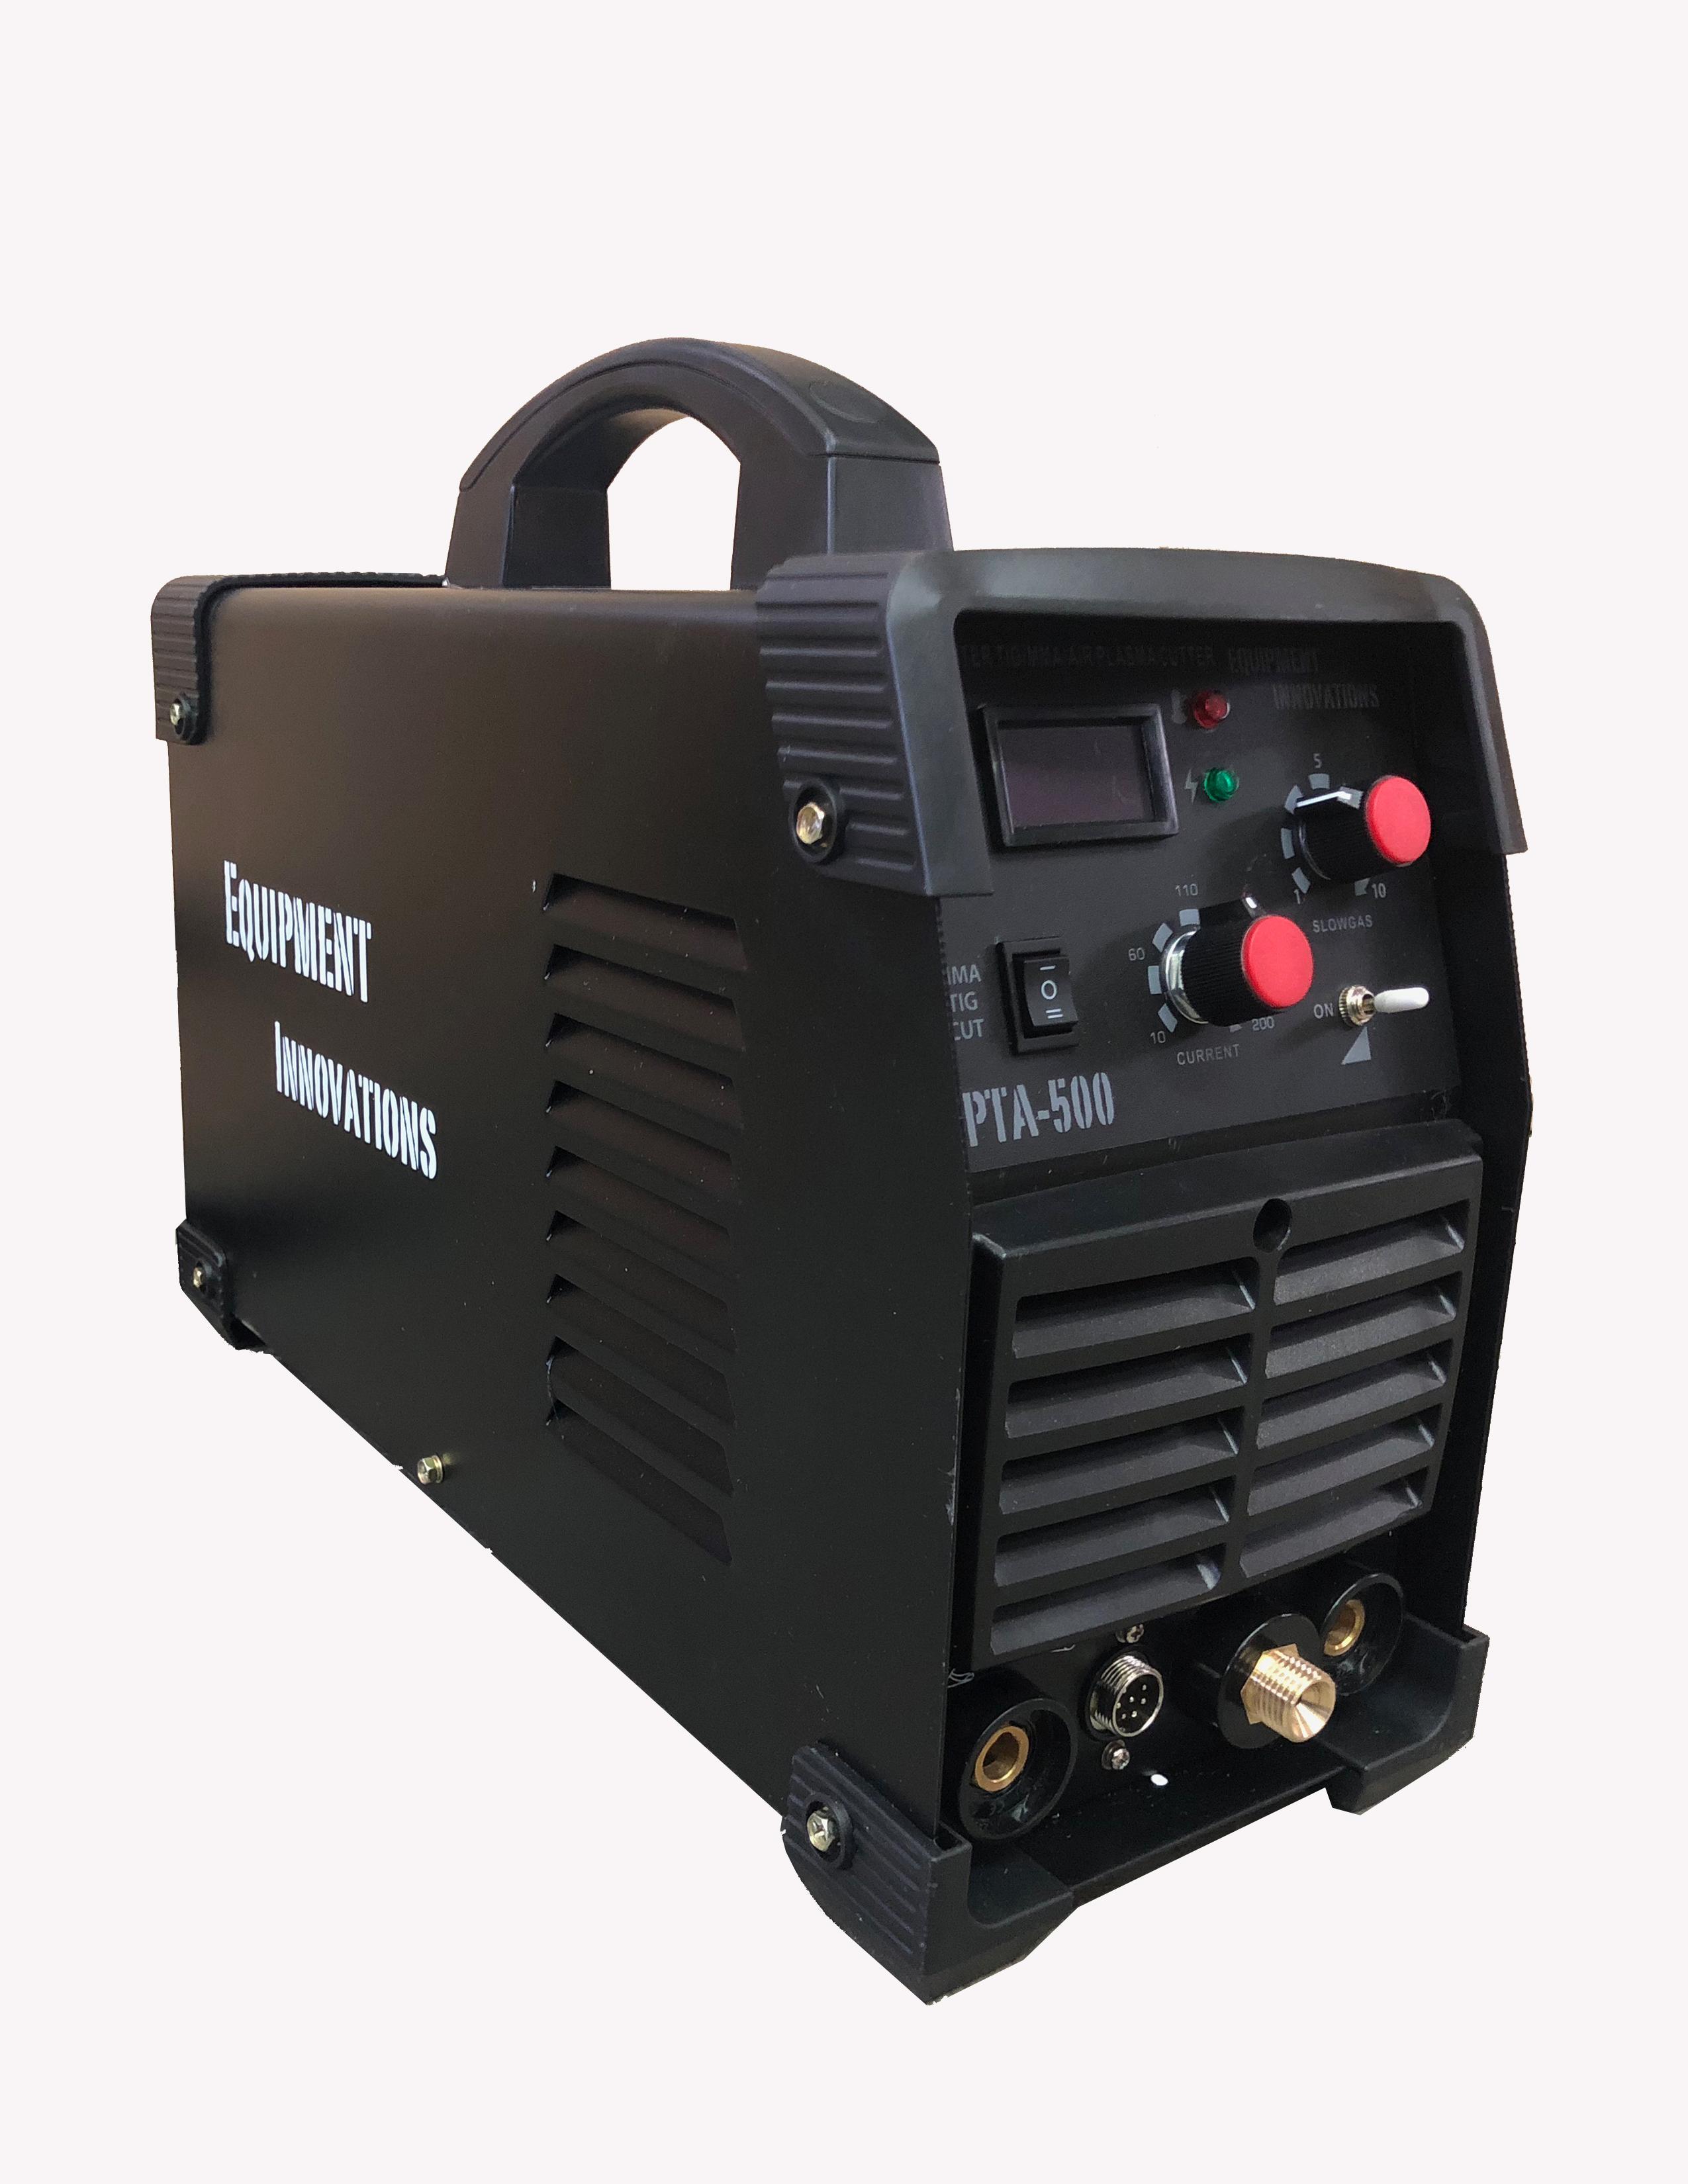 PTA-500 Plasma Cutter, Arc and Tig welder 3 in 1 Inverter